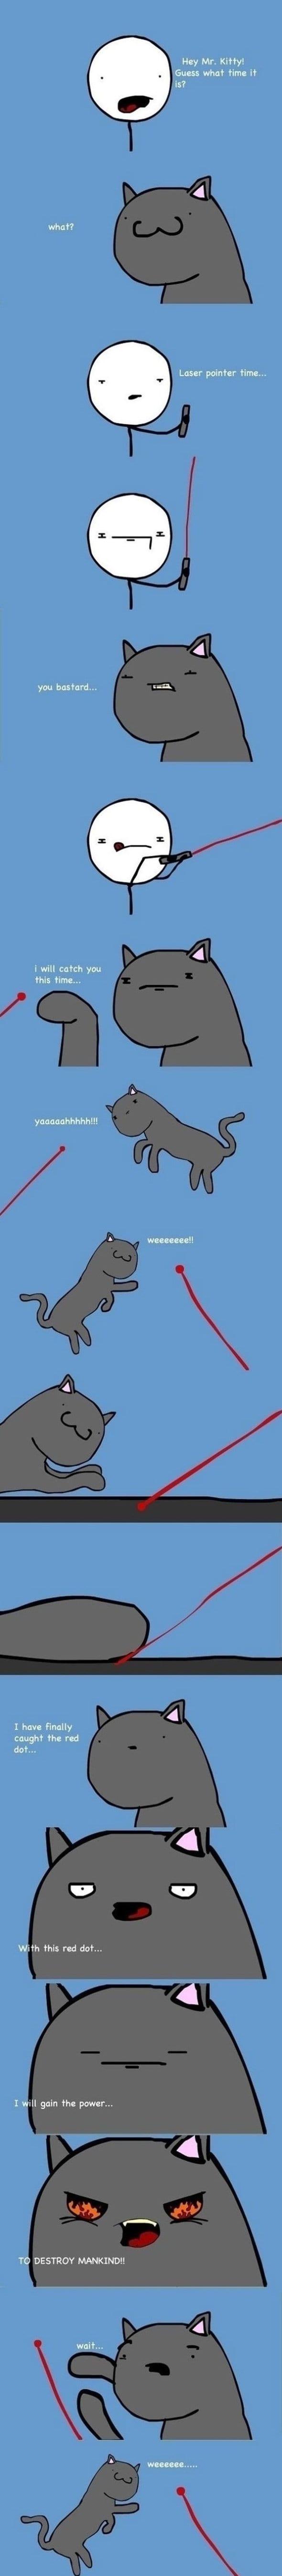 meme-2014-laser-point